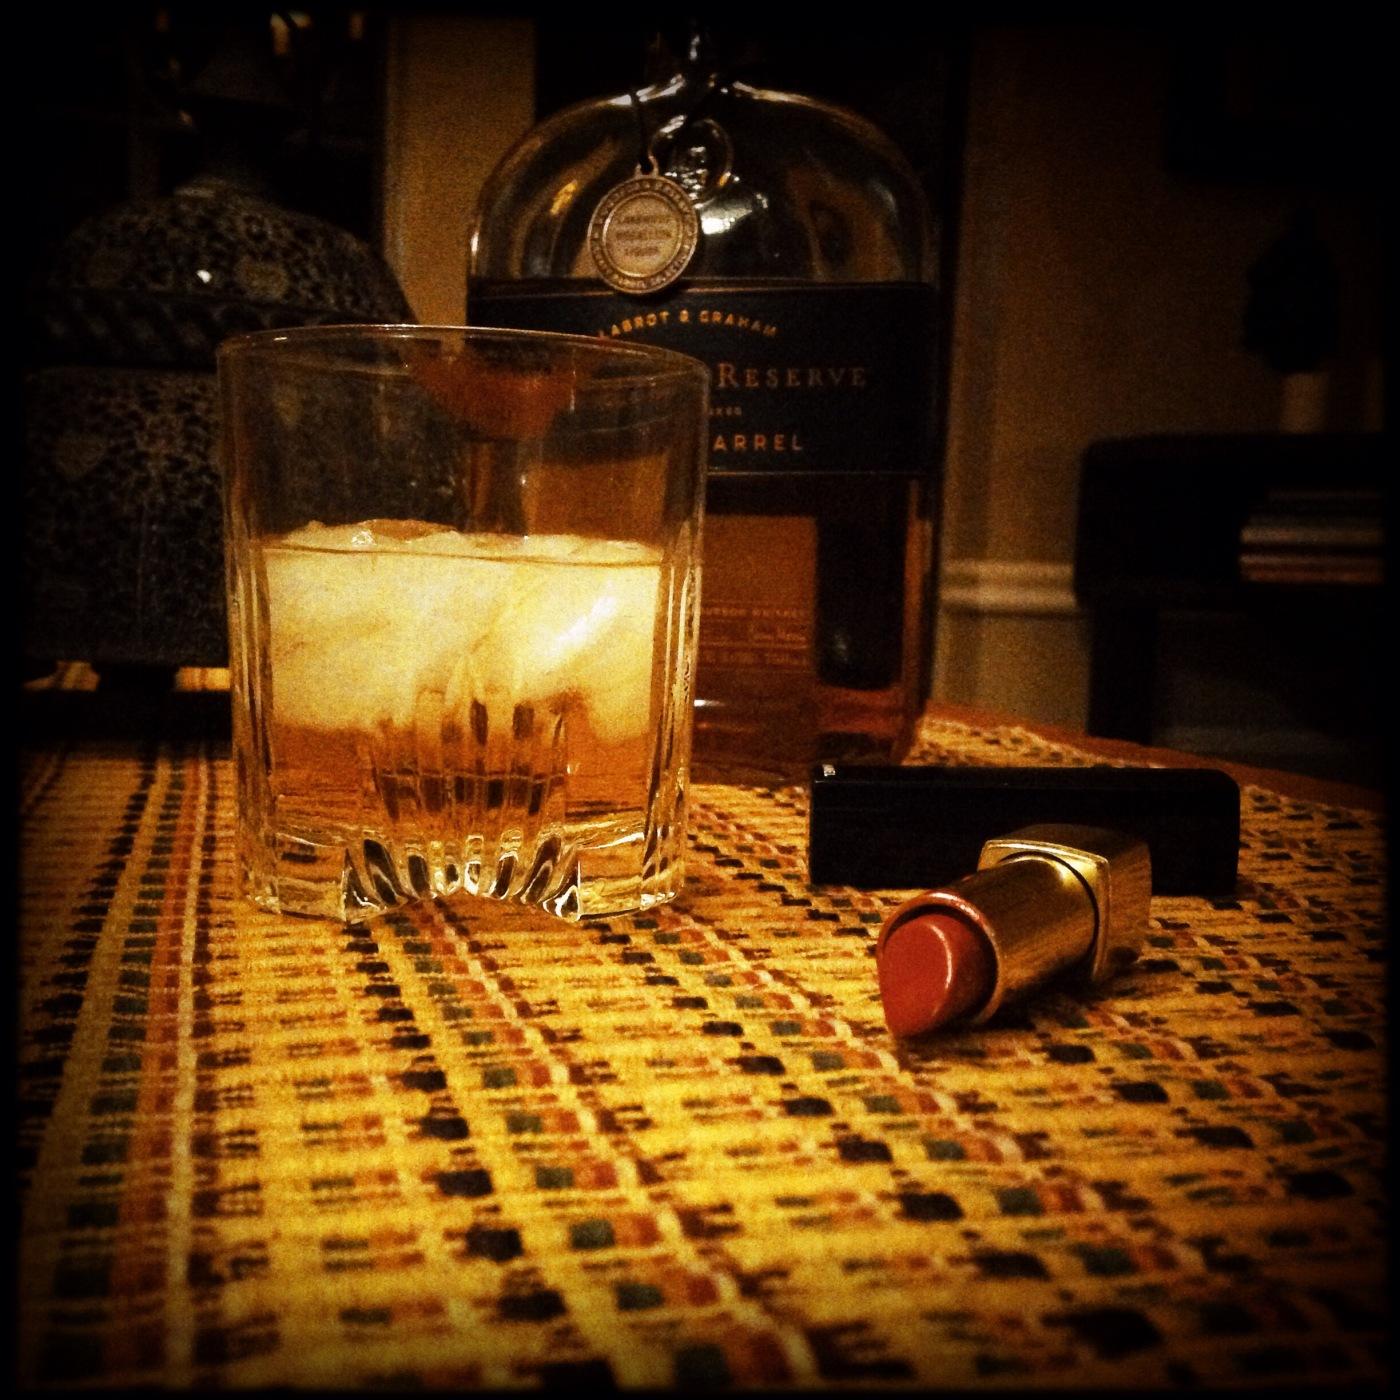 whiskey rain and madness #saturdaysoul